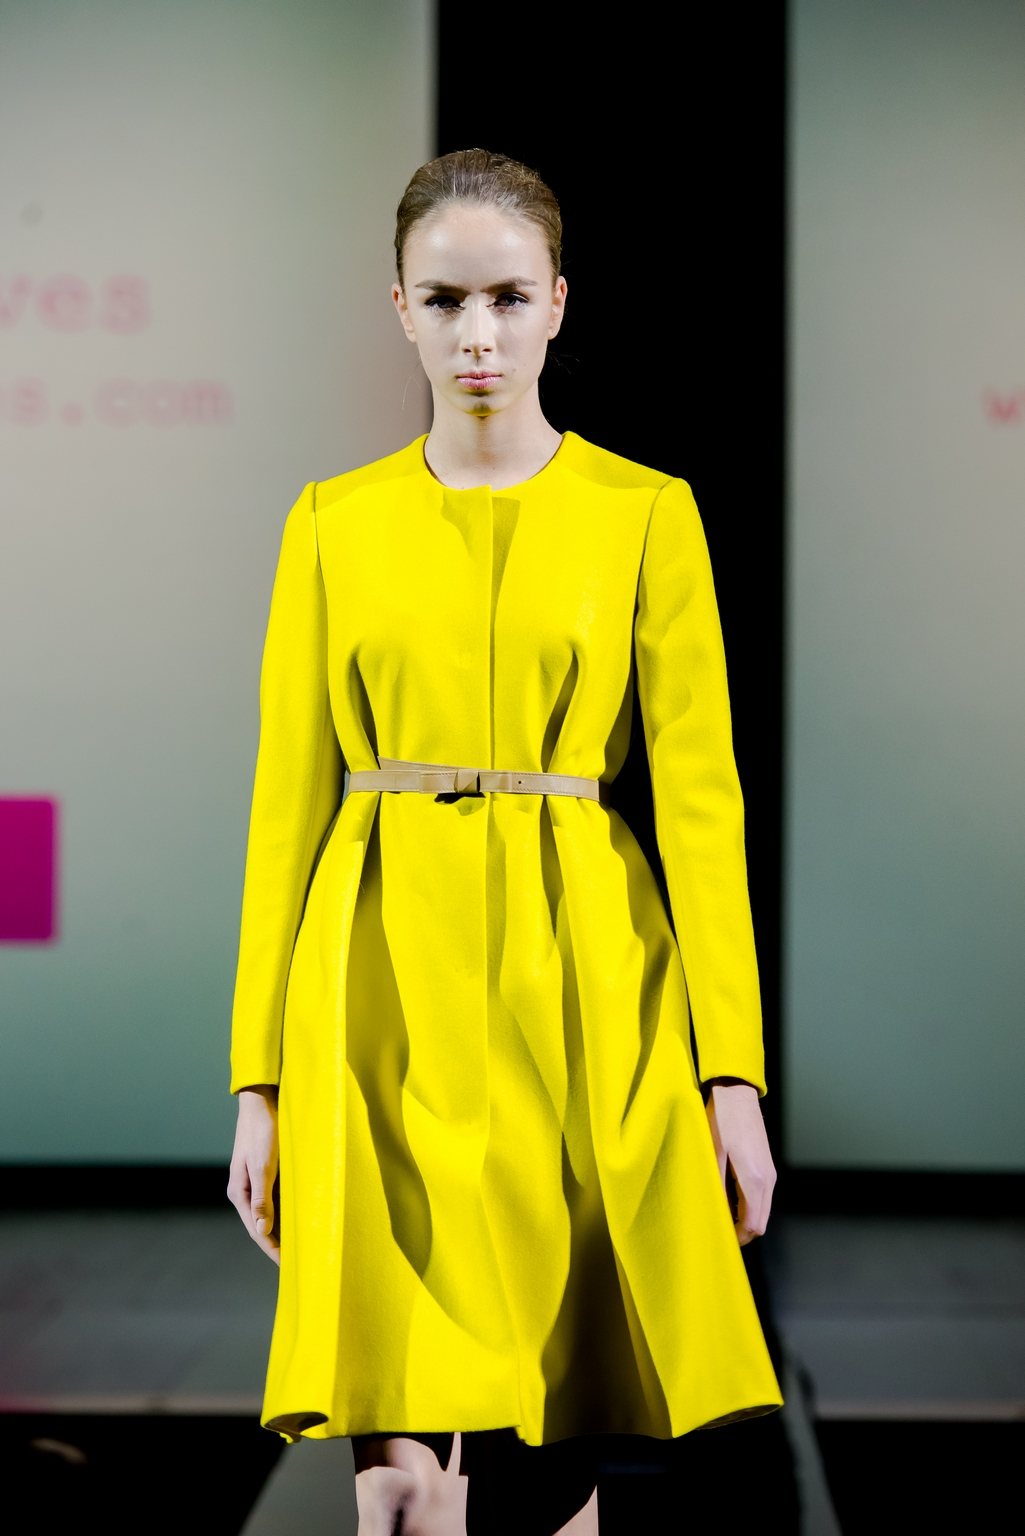 GALERII! Tallinn Fashion Week tõi teisel päeval lavale ootamatuid stiilikooslusi!